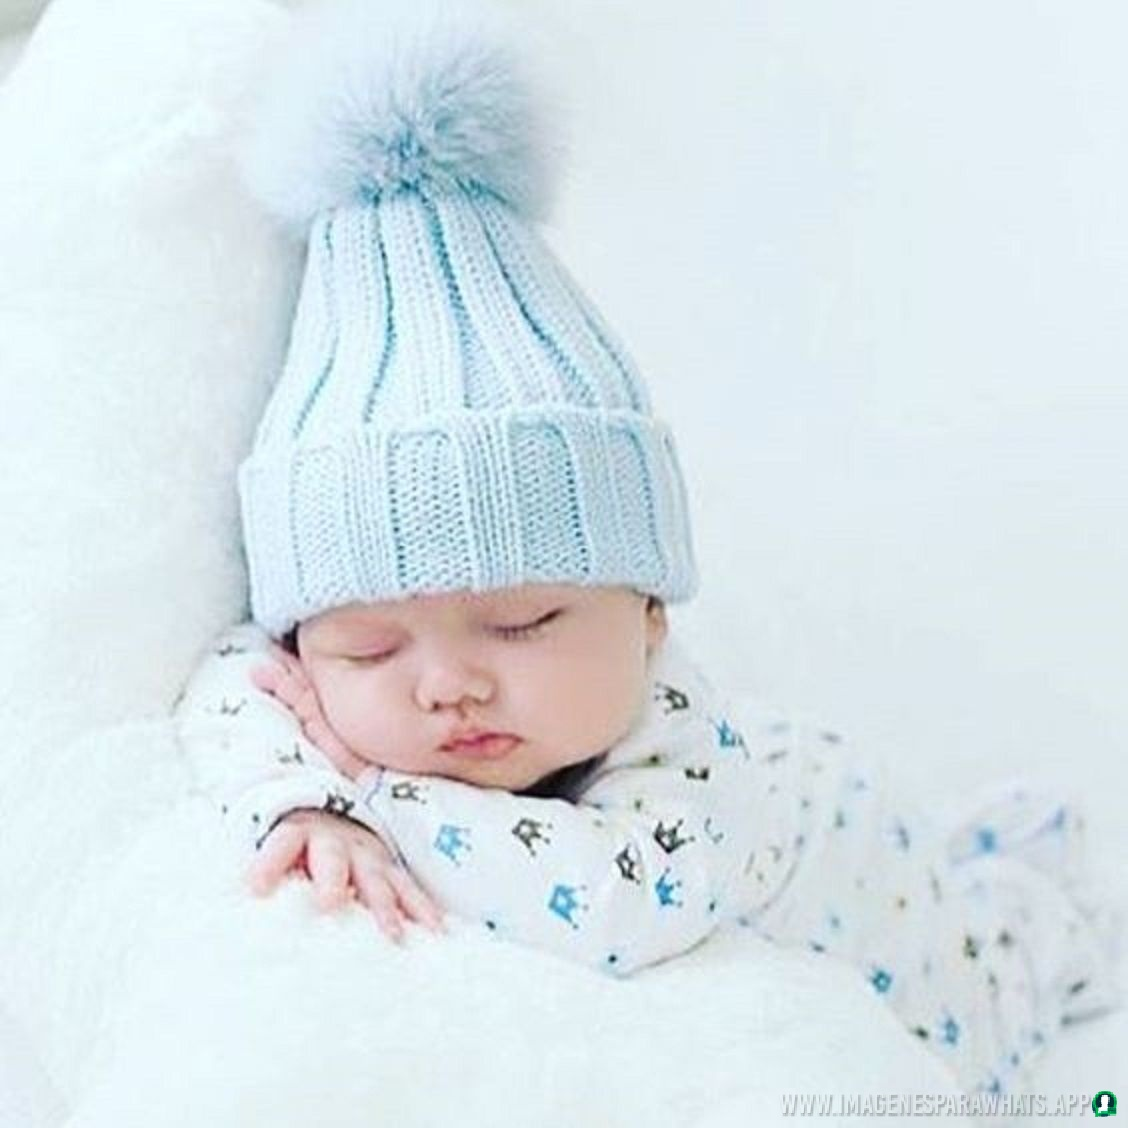 imagenes-de-bebes (270)